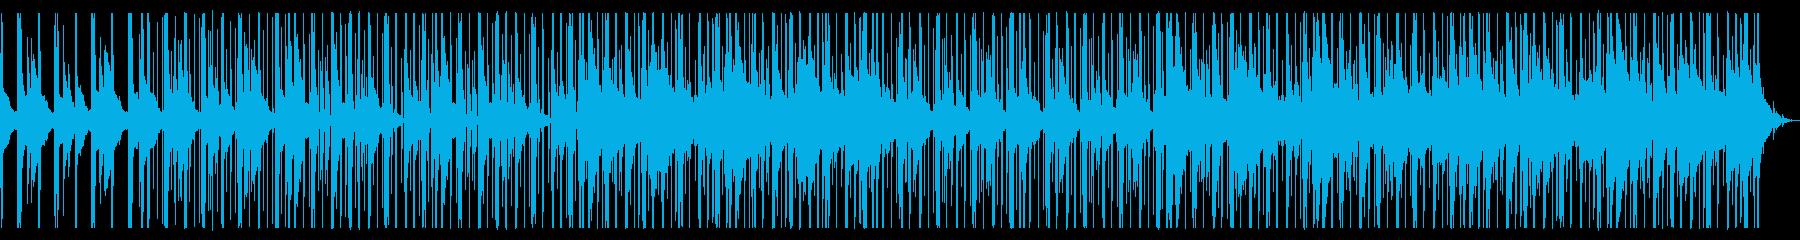 のんびり/Hiphop_No586_1の再生済みの波形